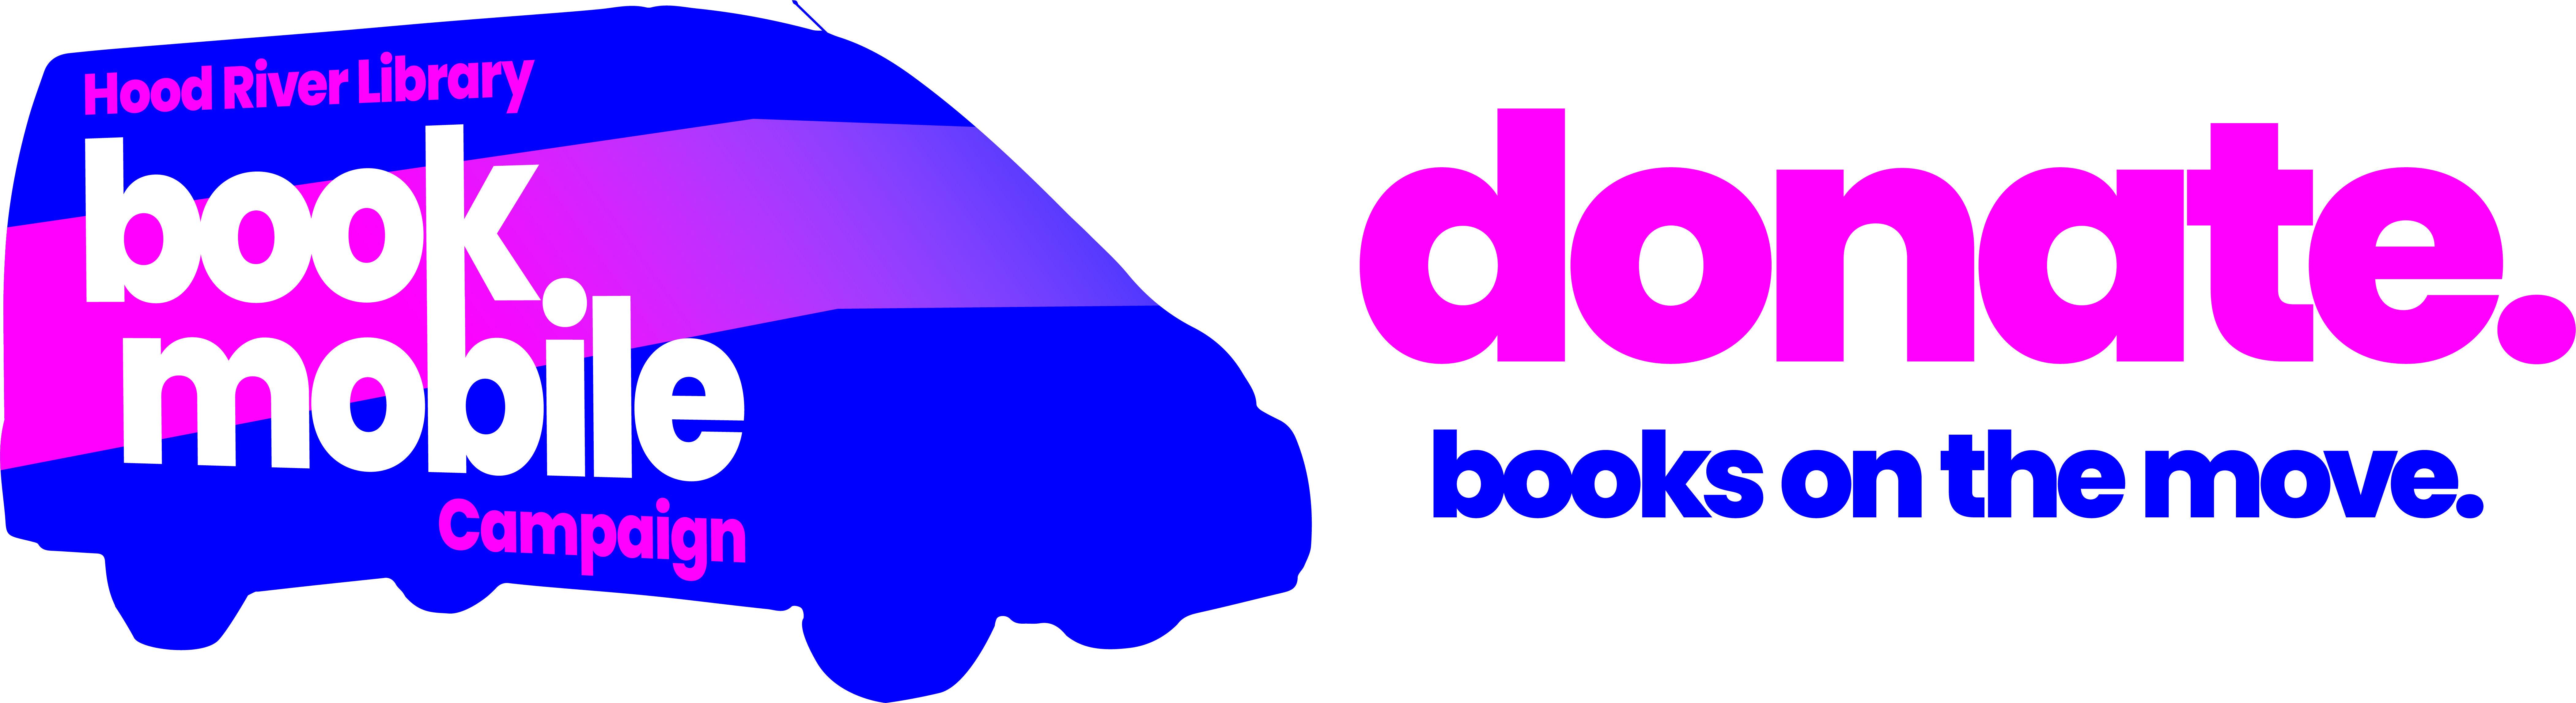 Bookmobile Campaign button